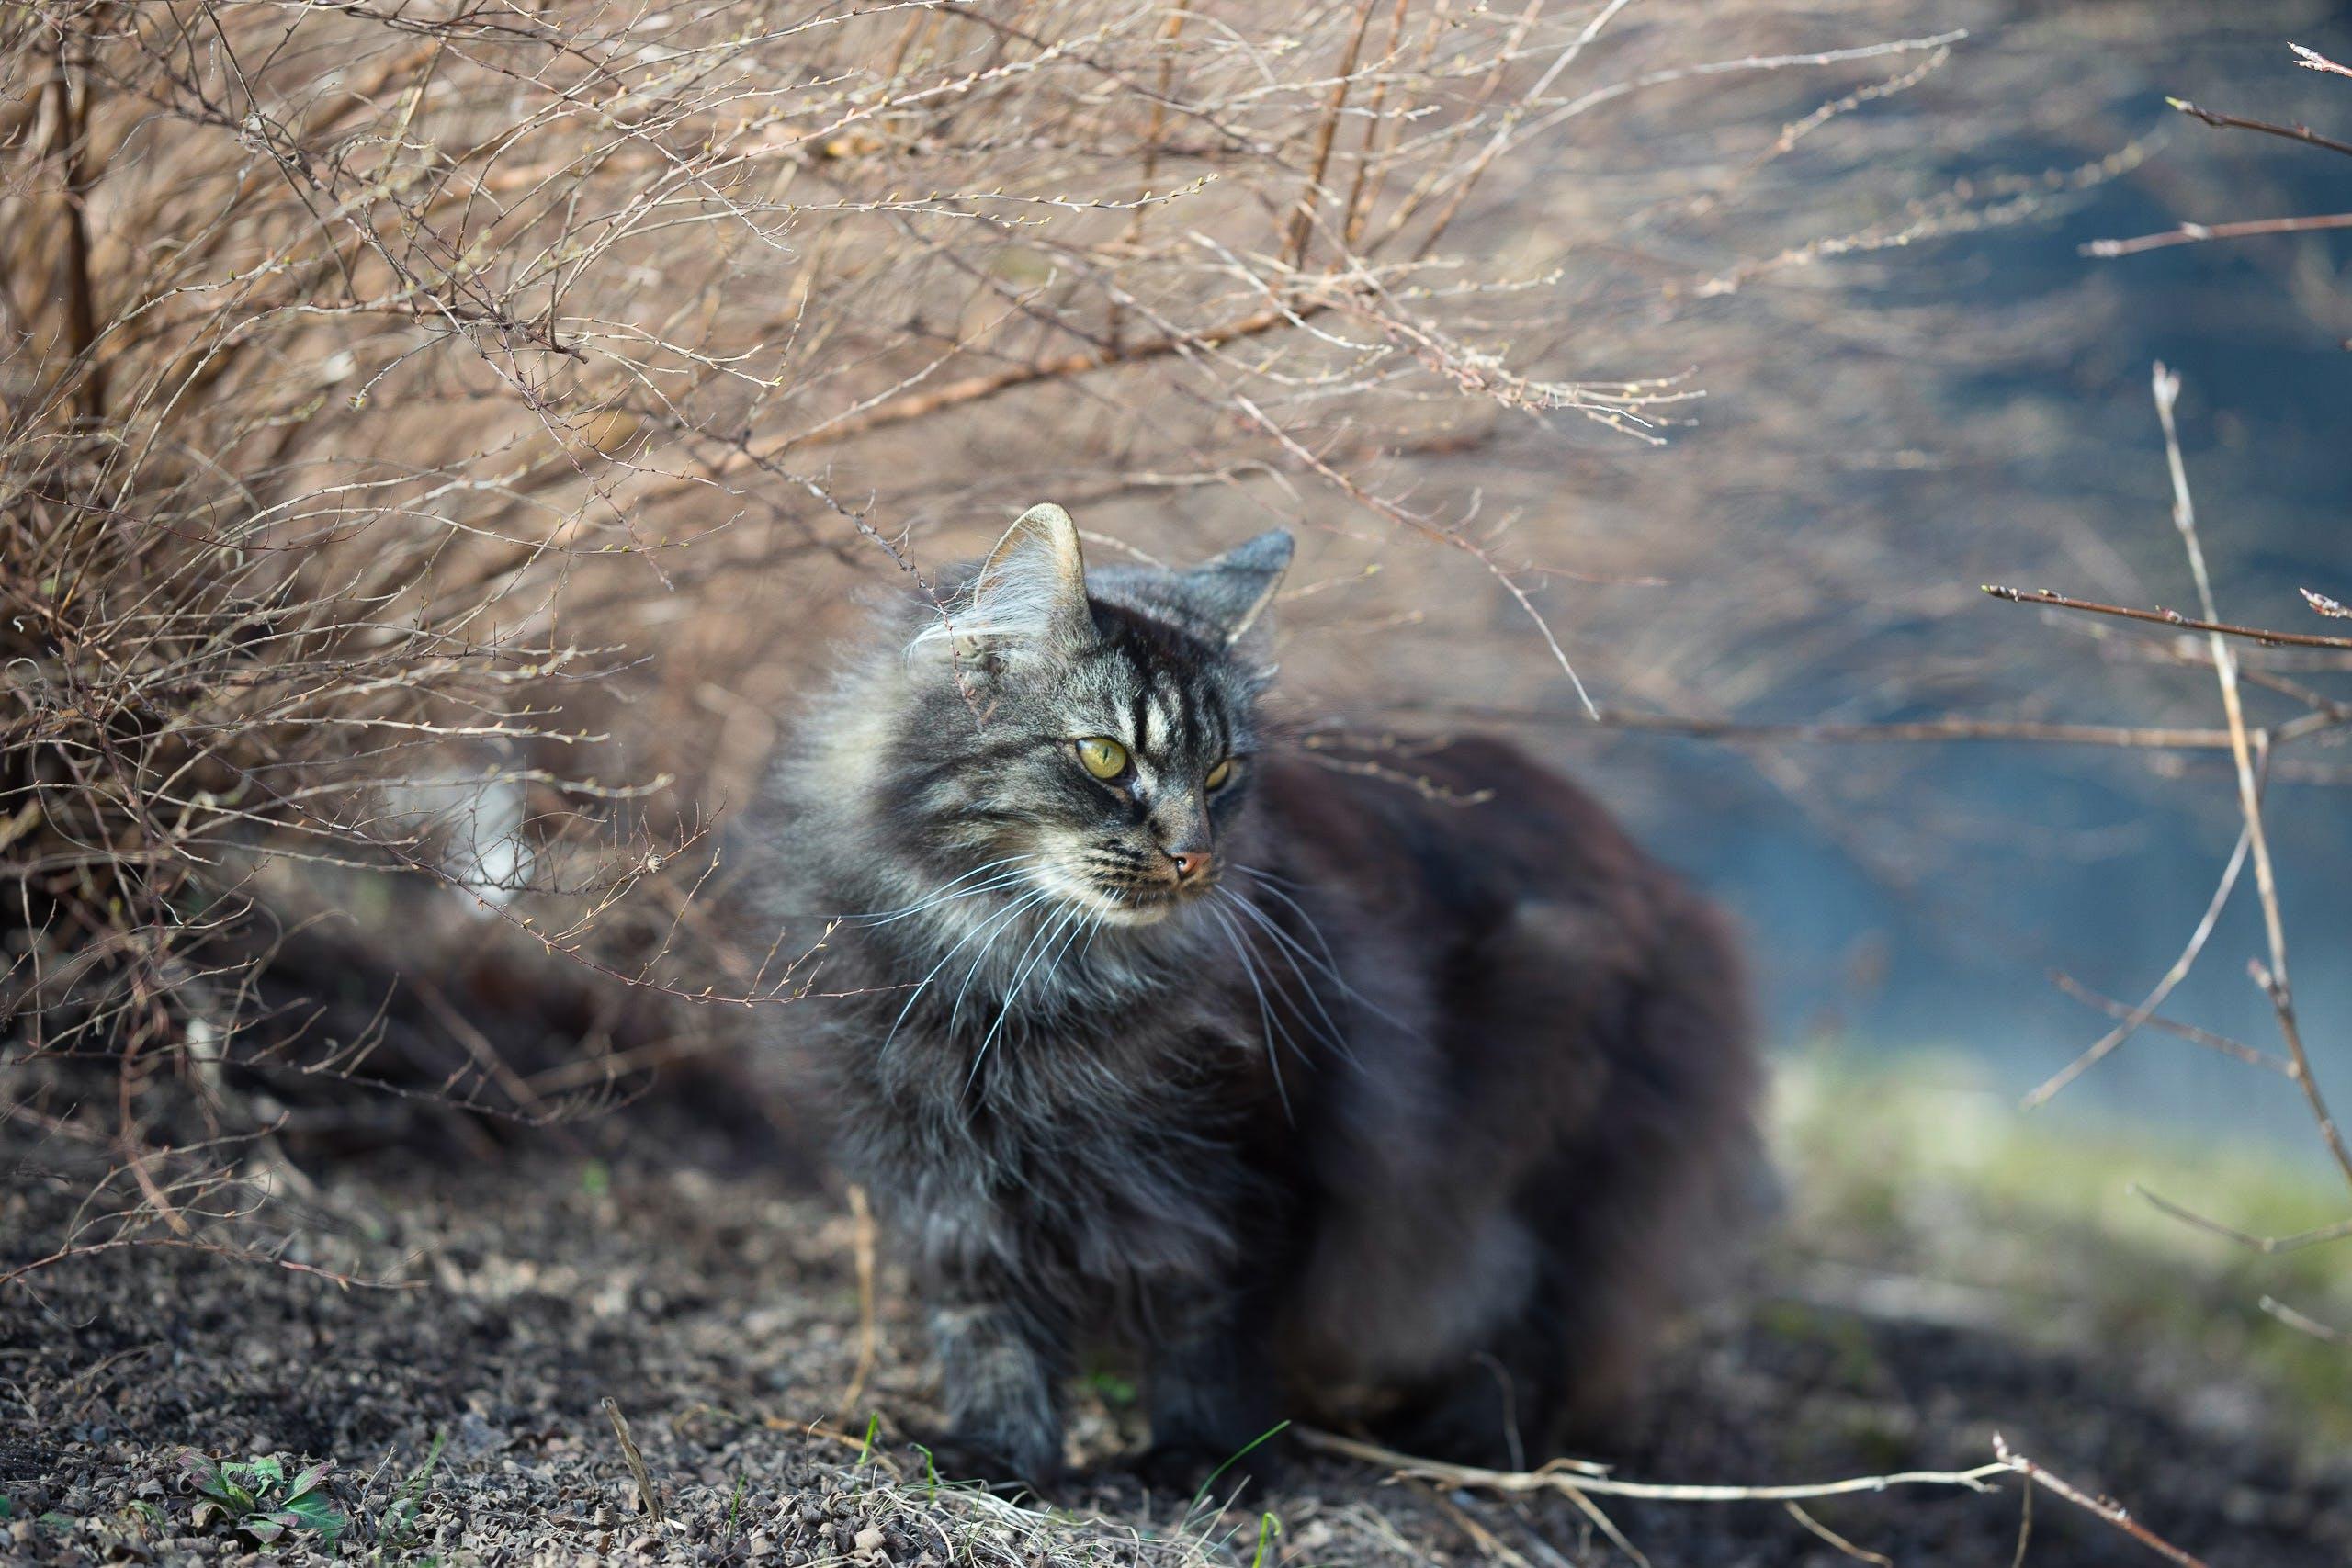 かわいらしい, ひげ, グレー, ネコの無料の写真素材